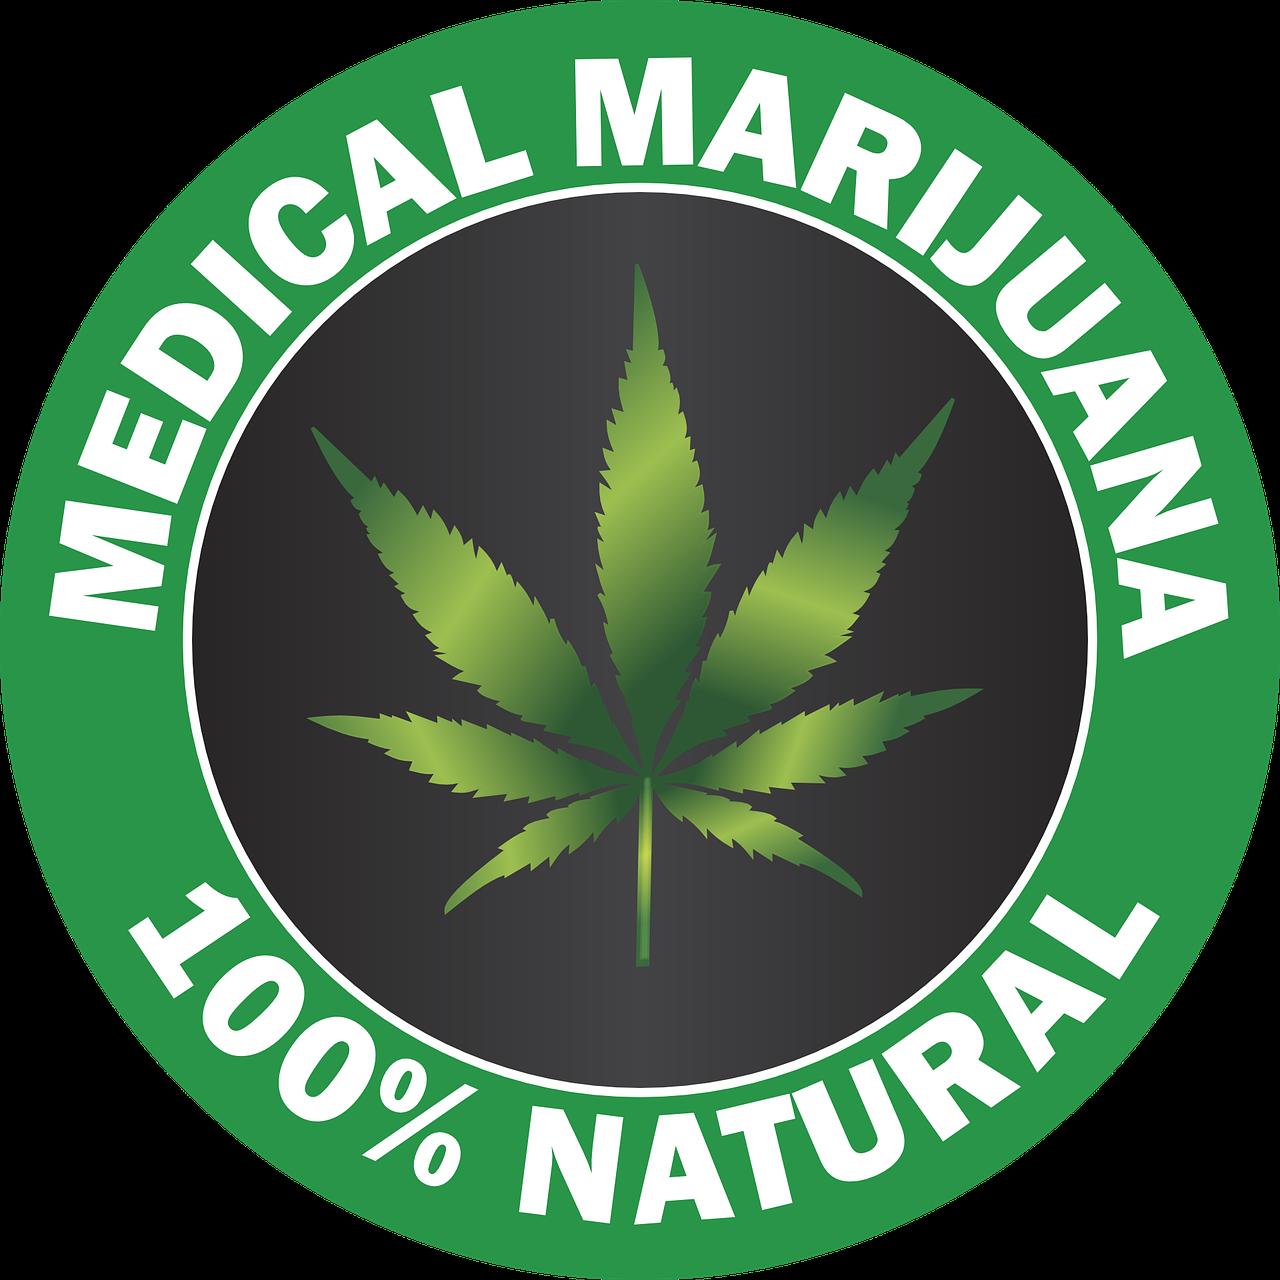 Вакансия мечты: дегустатор марихуаны будет получать по три тысячи долларов в месяц